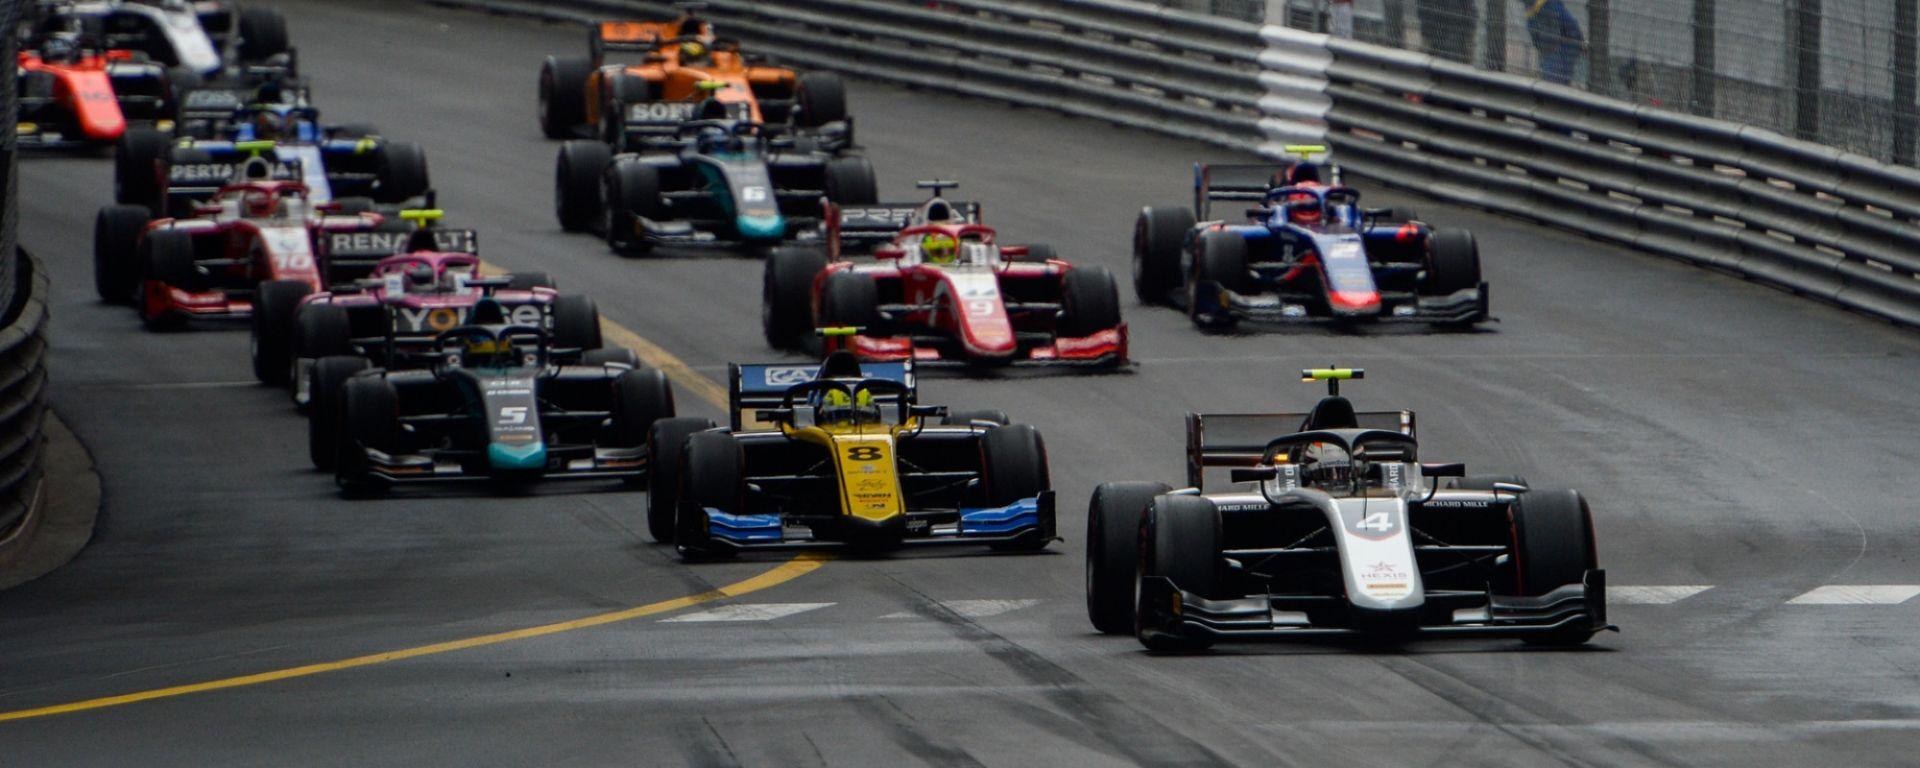 FIA F2, gara-1 Monaco 2019, la partenza